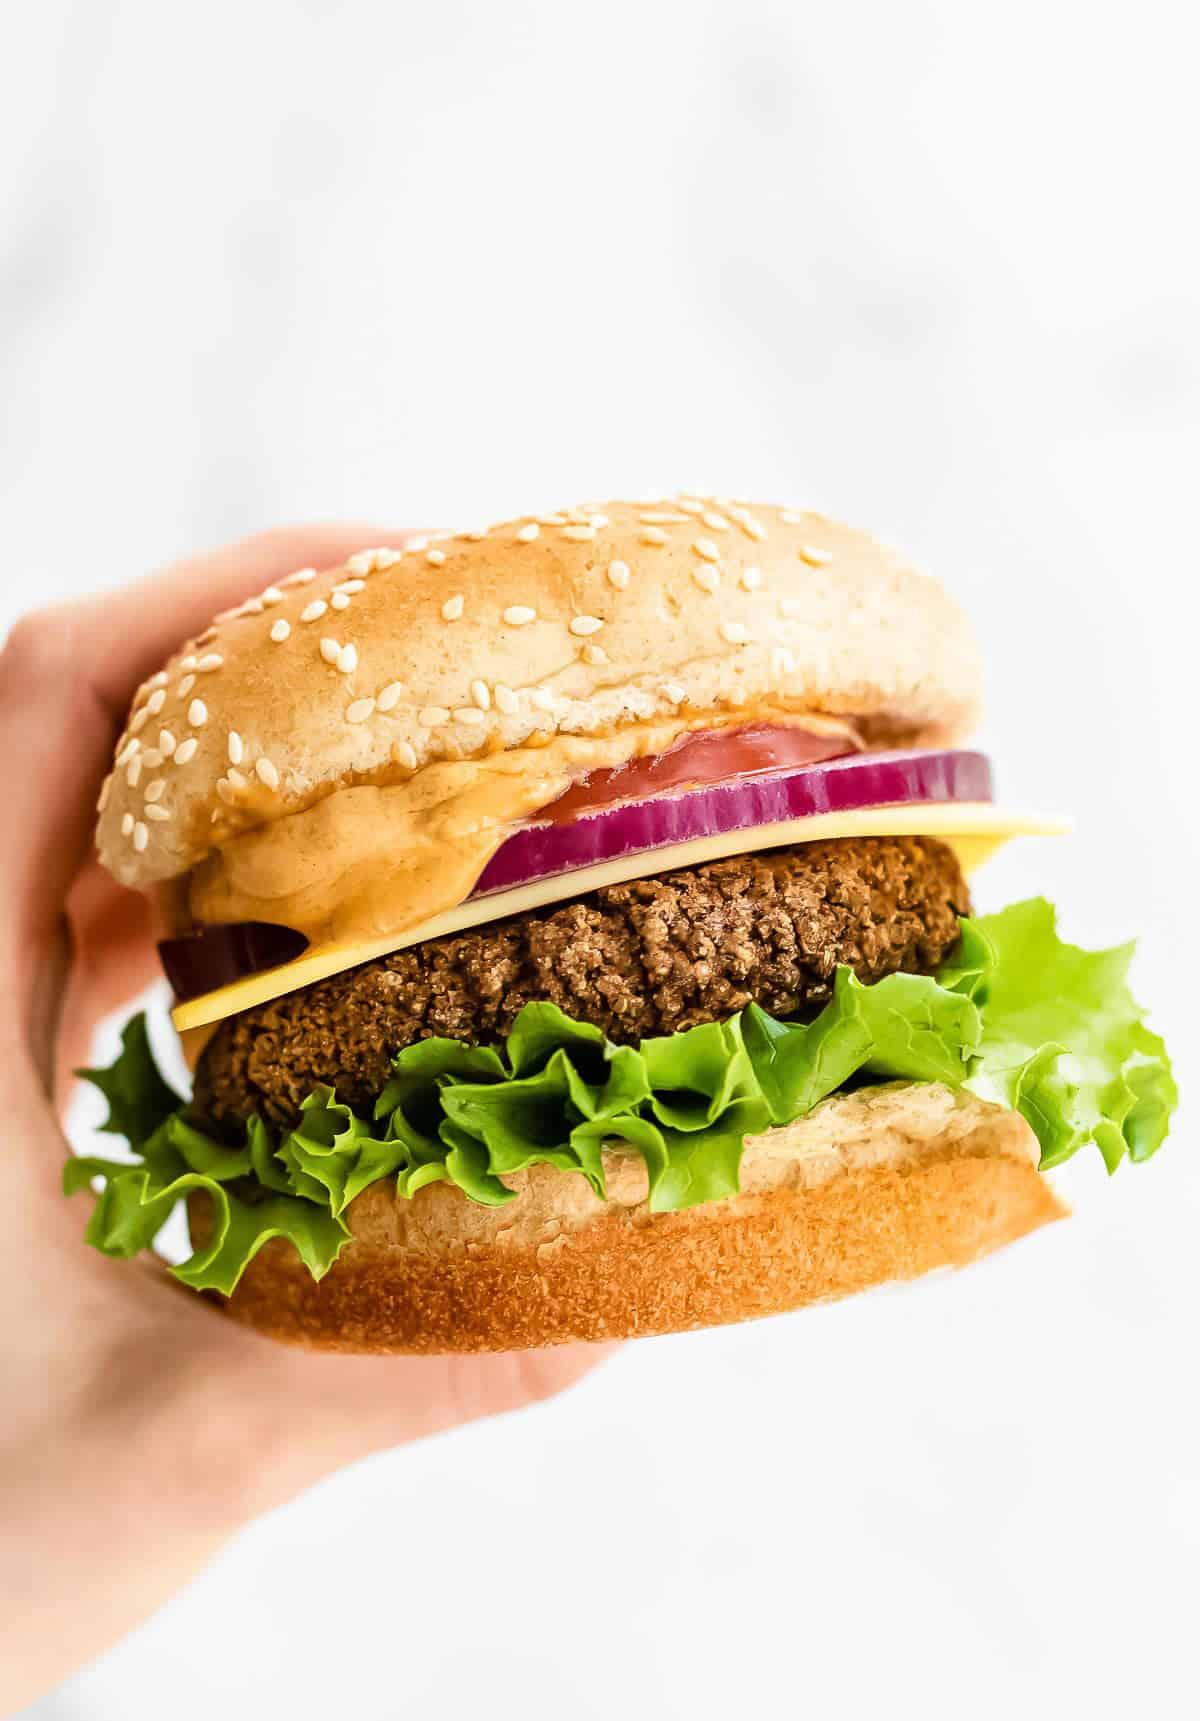 hands holding up a black bean burger with a sesame bun